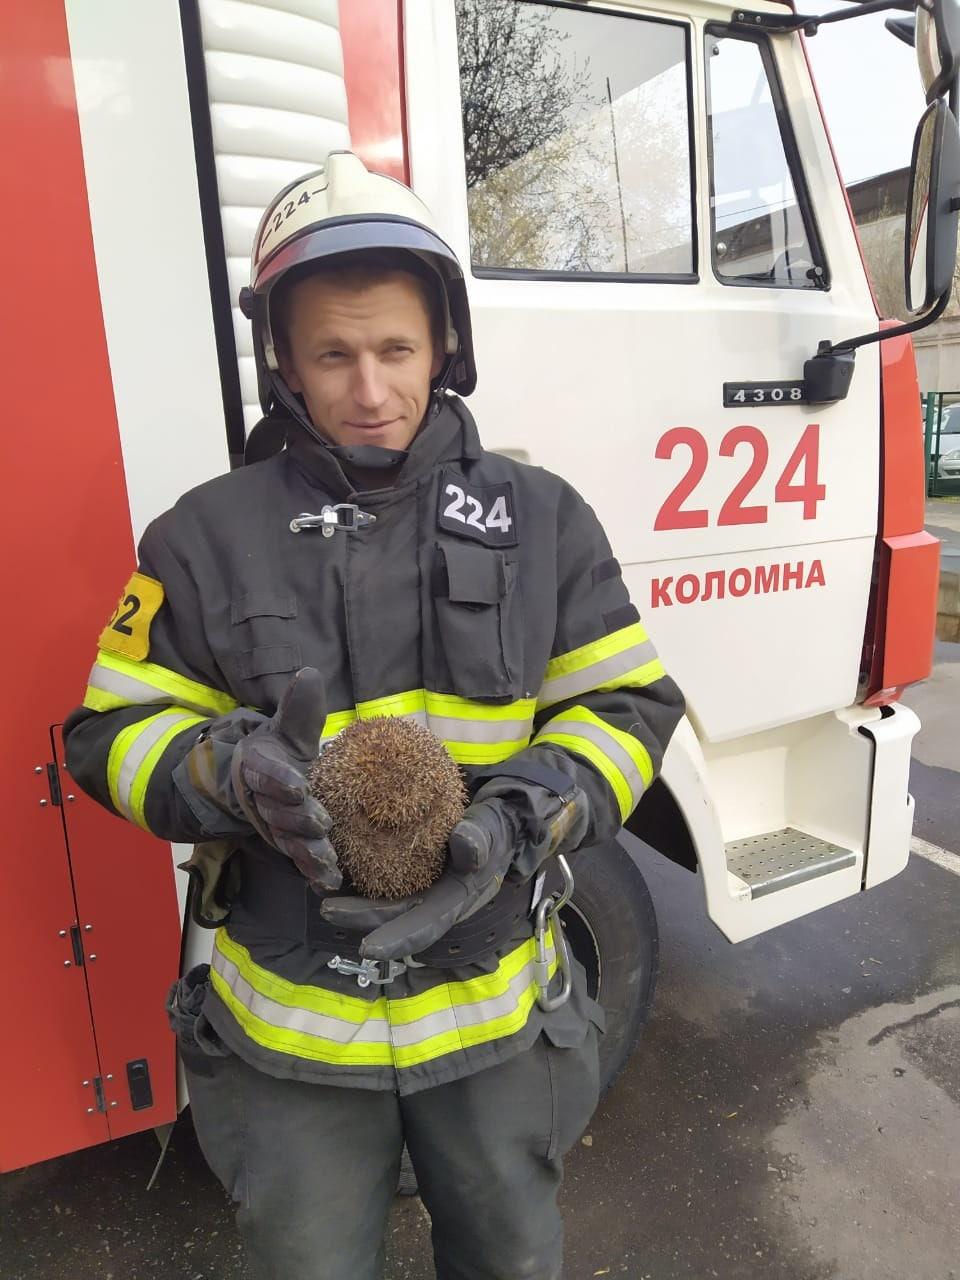 Лесного ежика спасли сотрудники дежурного караула 224 пожарной части Мособлпожспаса во время тушения пожара в коломенском гаражном кооперативе